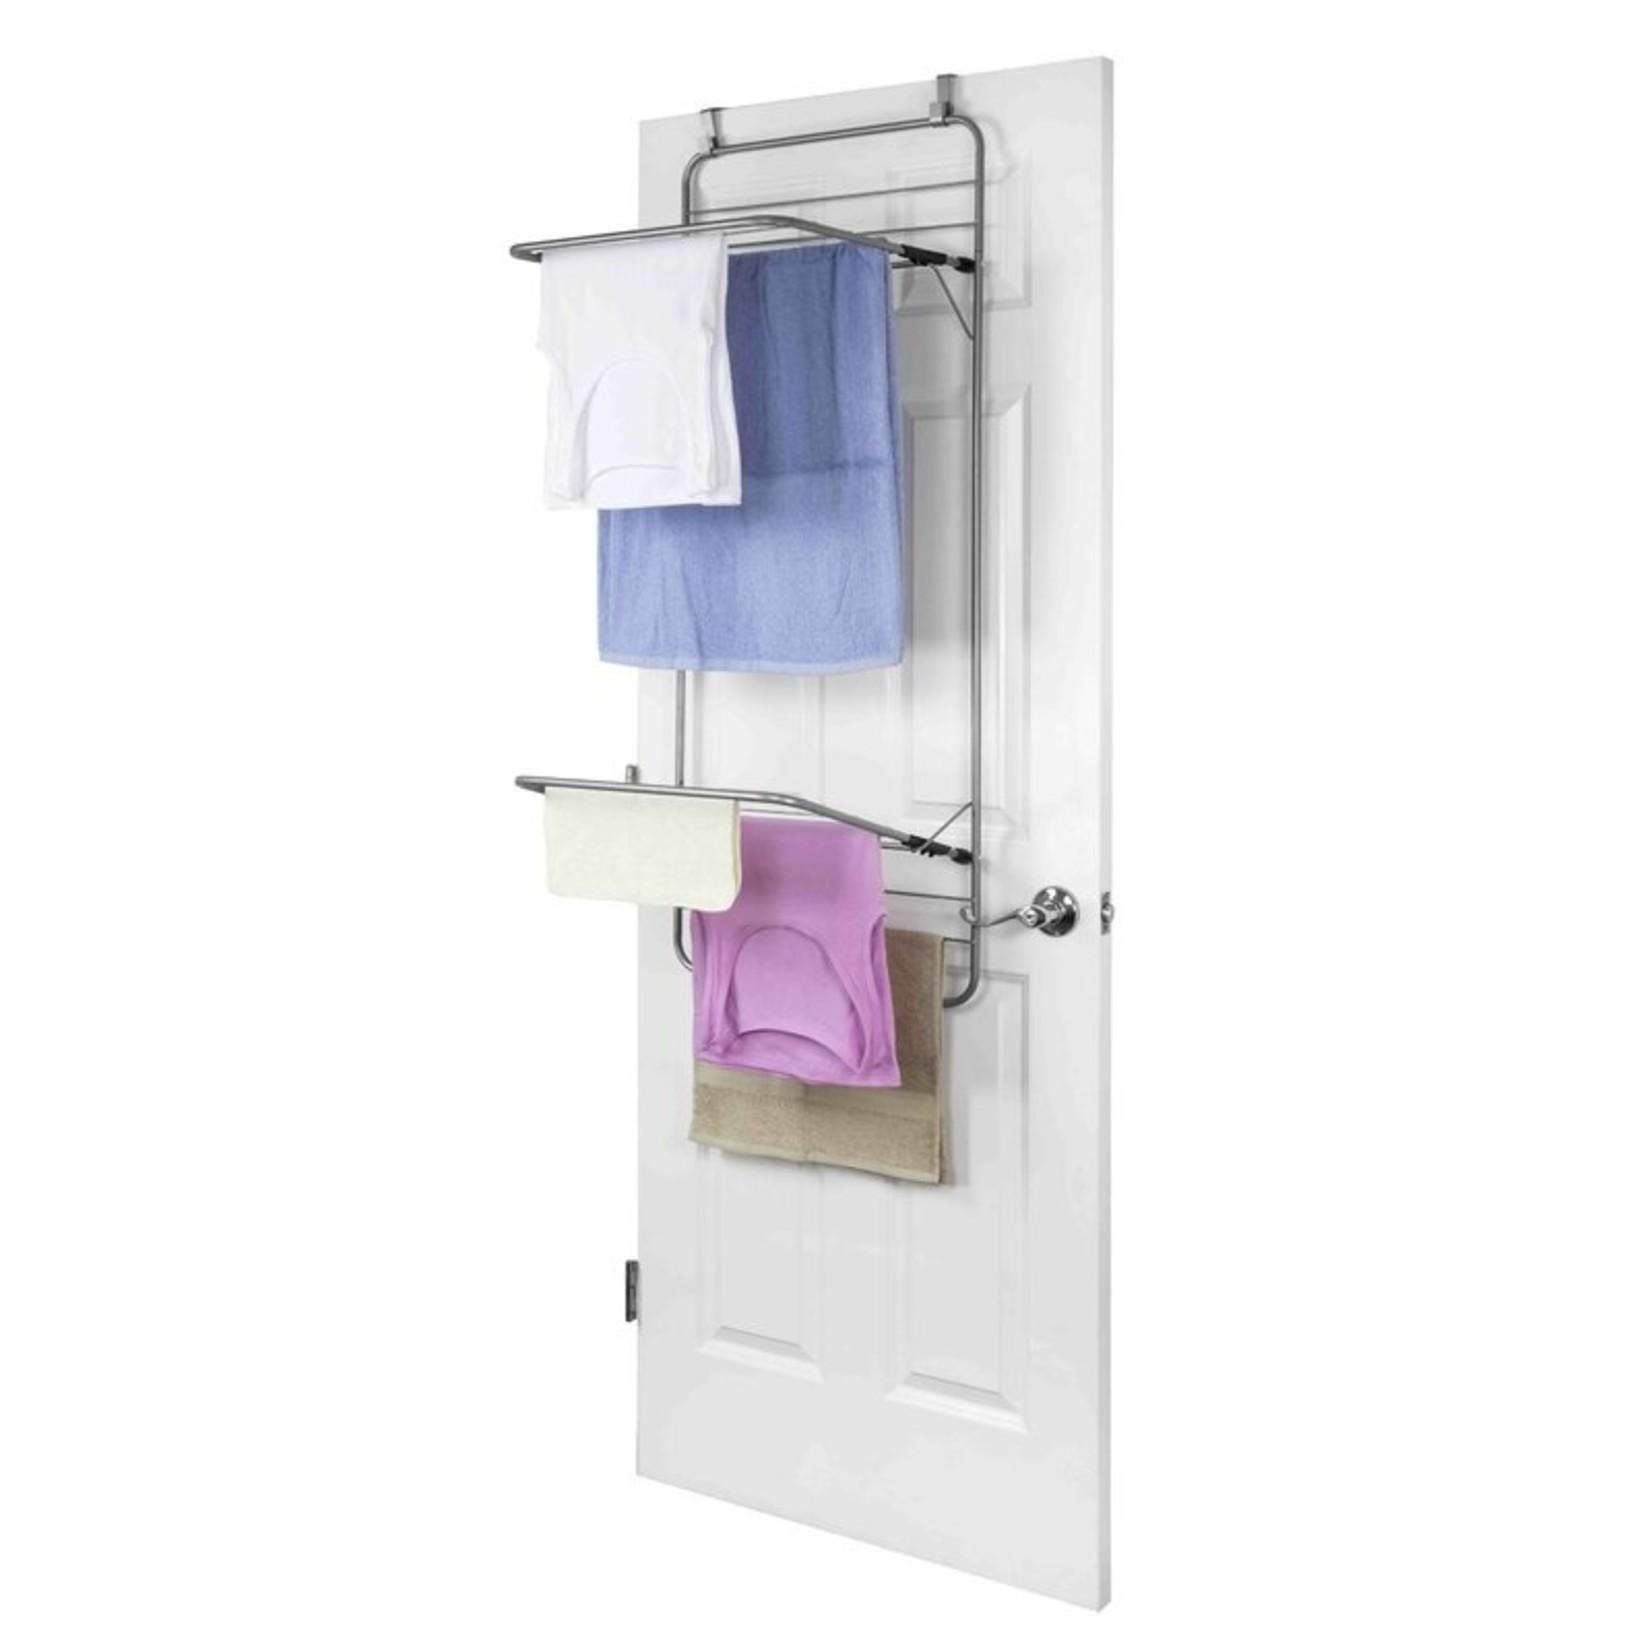 *Hanging Over-the-Door Towel Rack